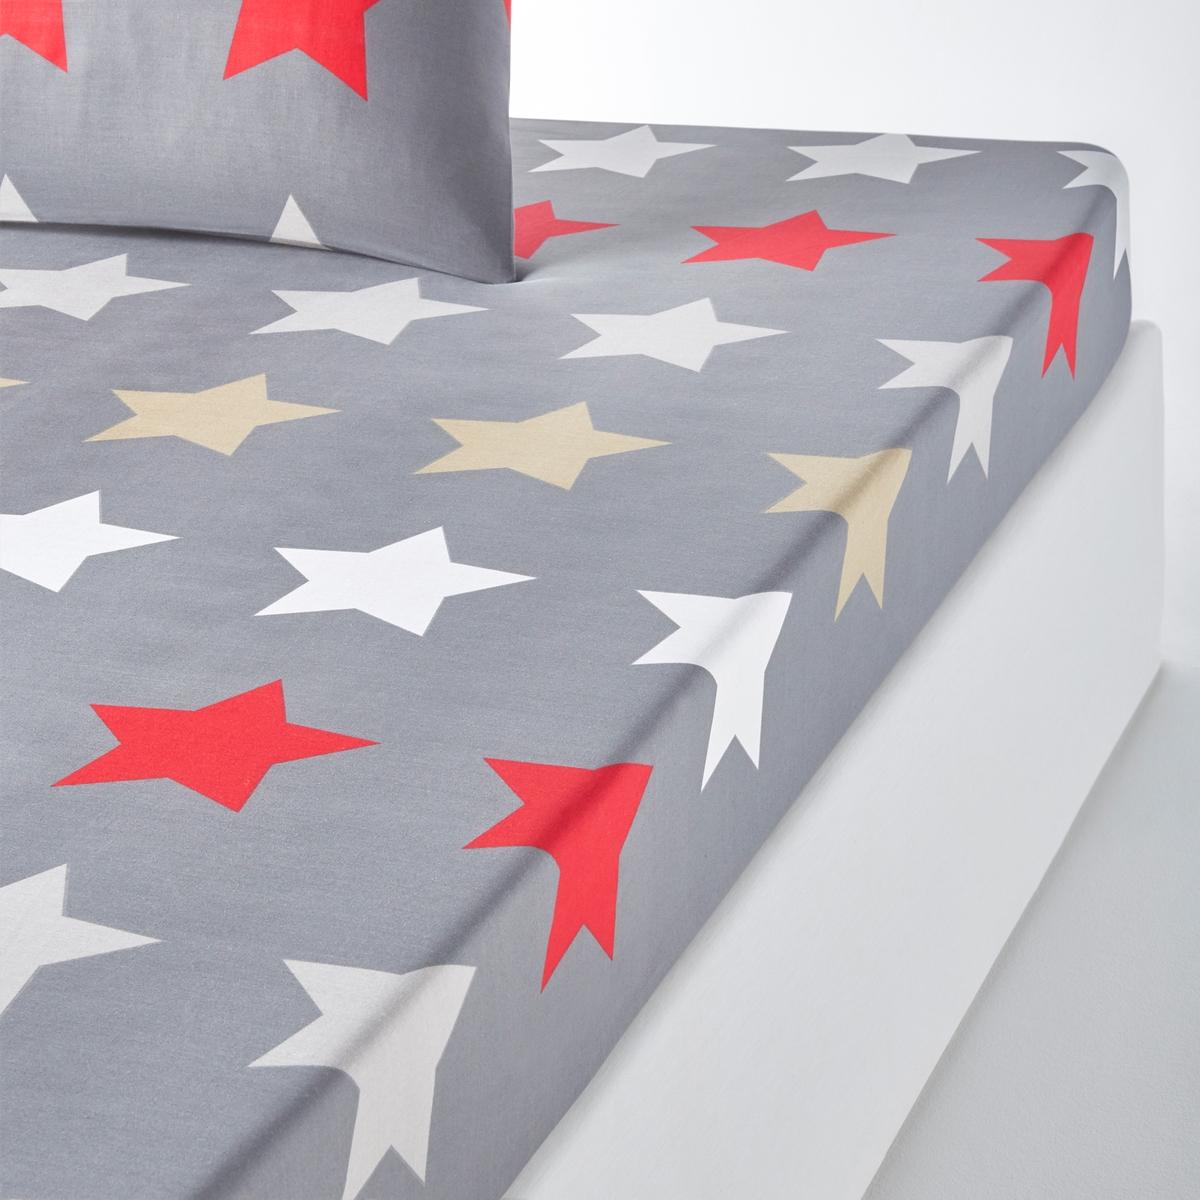 Простыня натяжная с рисунком, STARS, anthraciteНатяжная простыня с рисунком Stars anthracite. Звезды в стиле colorama : очень модный рисунок в этом сезоне.Характеристики натяжной простыни Stars anthracite:Рисунок звезды на темно-сером фоне.100% хлопок, 52 нитей/см? : чем больше нитей/см?, тем выше качество материала.Клапан 25 см.Машинная стирка при 60 °С. Всю коллекцию постельного белья Stars anthracite вы можете найти на сайте la redoute.ru Знак Oeko-Tex® гарантирует, что товары прошли проверку и были изготовлены без применения вредных для здоровья человека веществ. Размер на выбор :90 x 190 см : 1-сп140 x 190 см : 2-сп.160 x 200 см : 2-сп.<br><br>Цвет: антрацит<br>Размер: 90 x 190  см